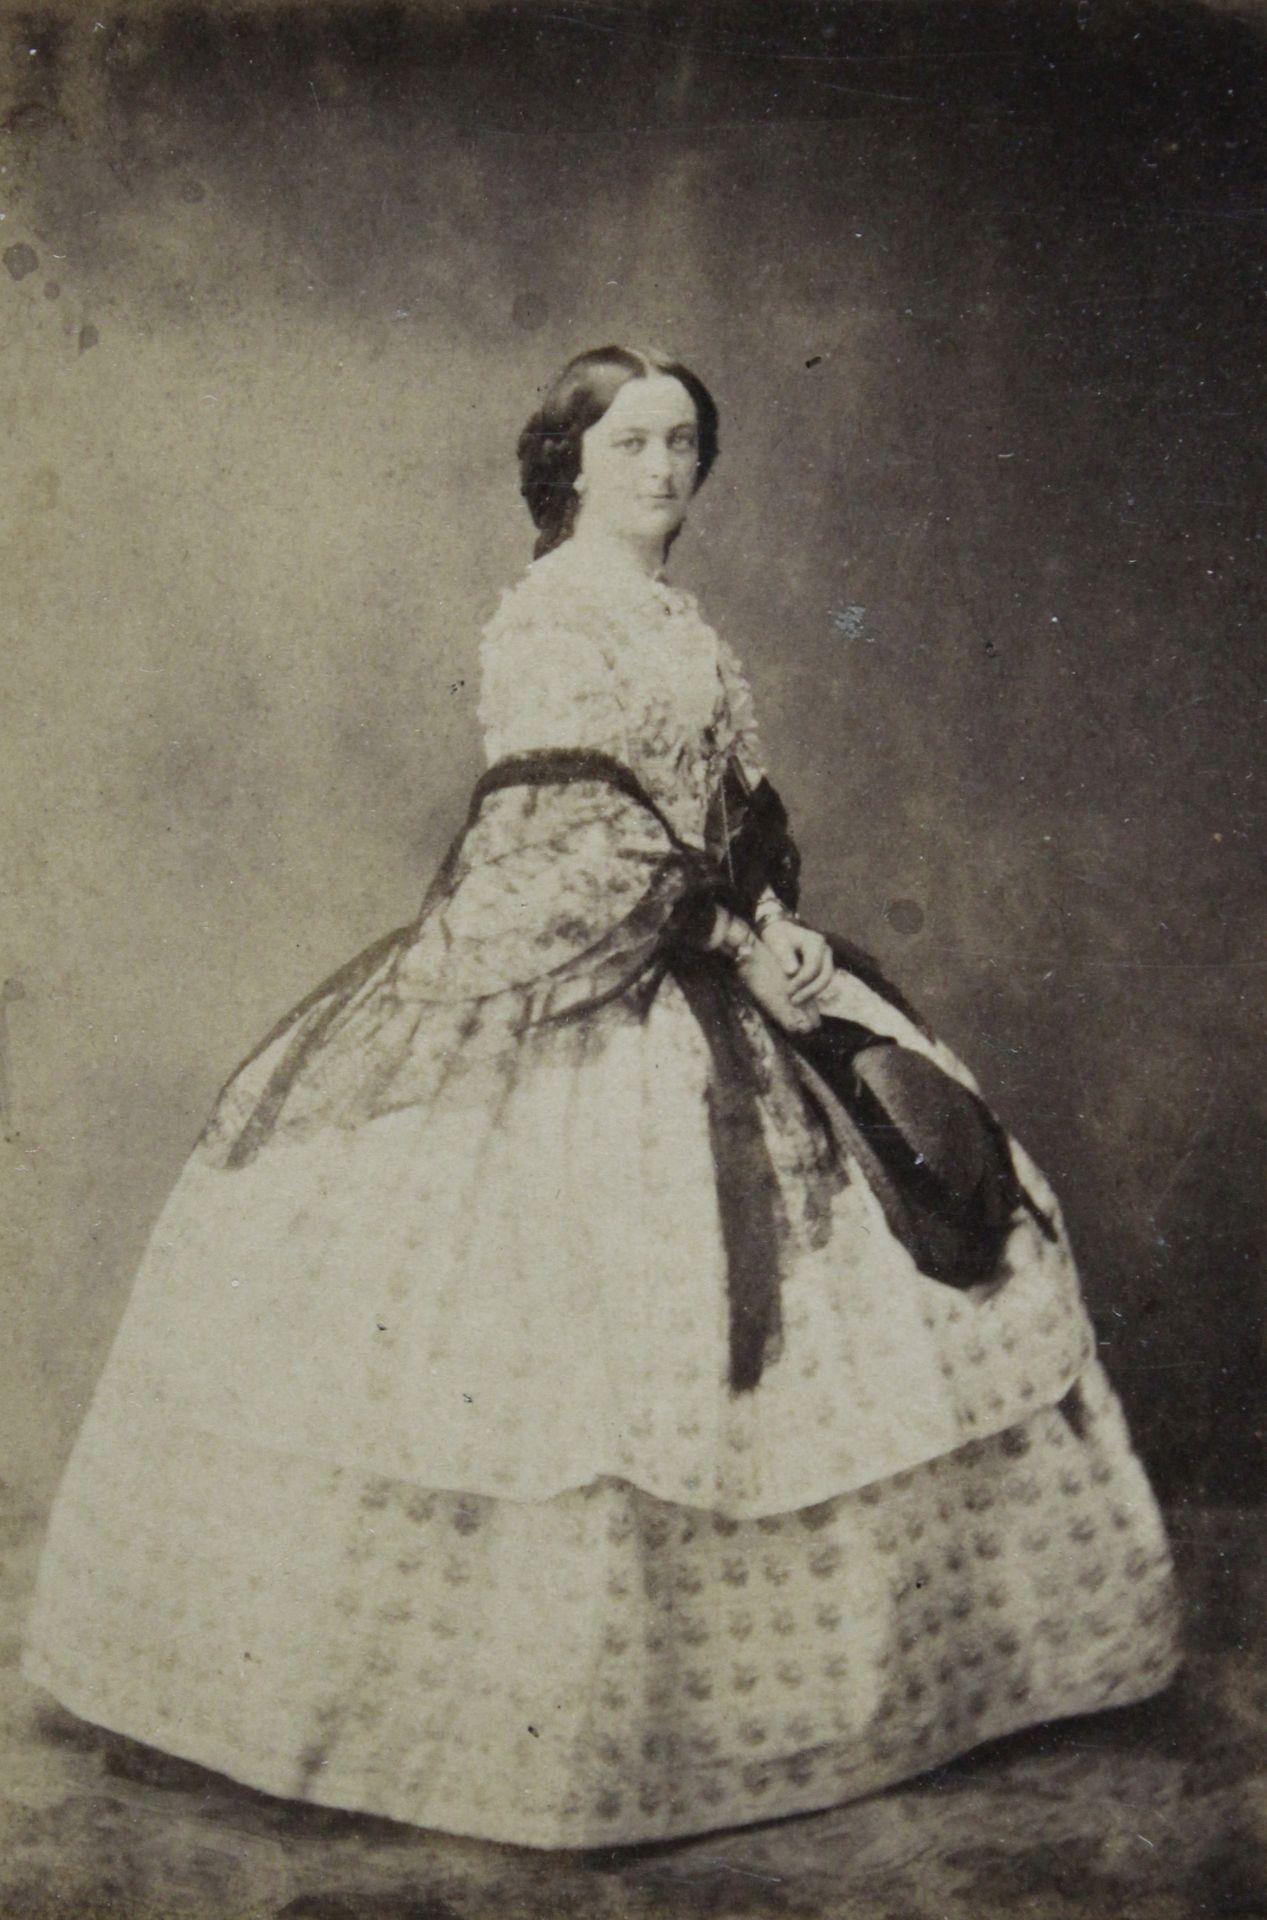 Pöttyös ruhás hölgy fotója 1858 környékéről.